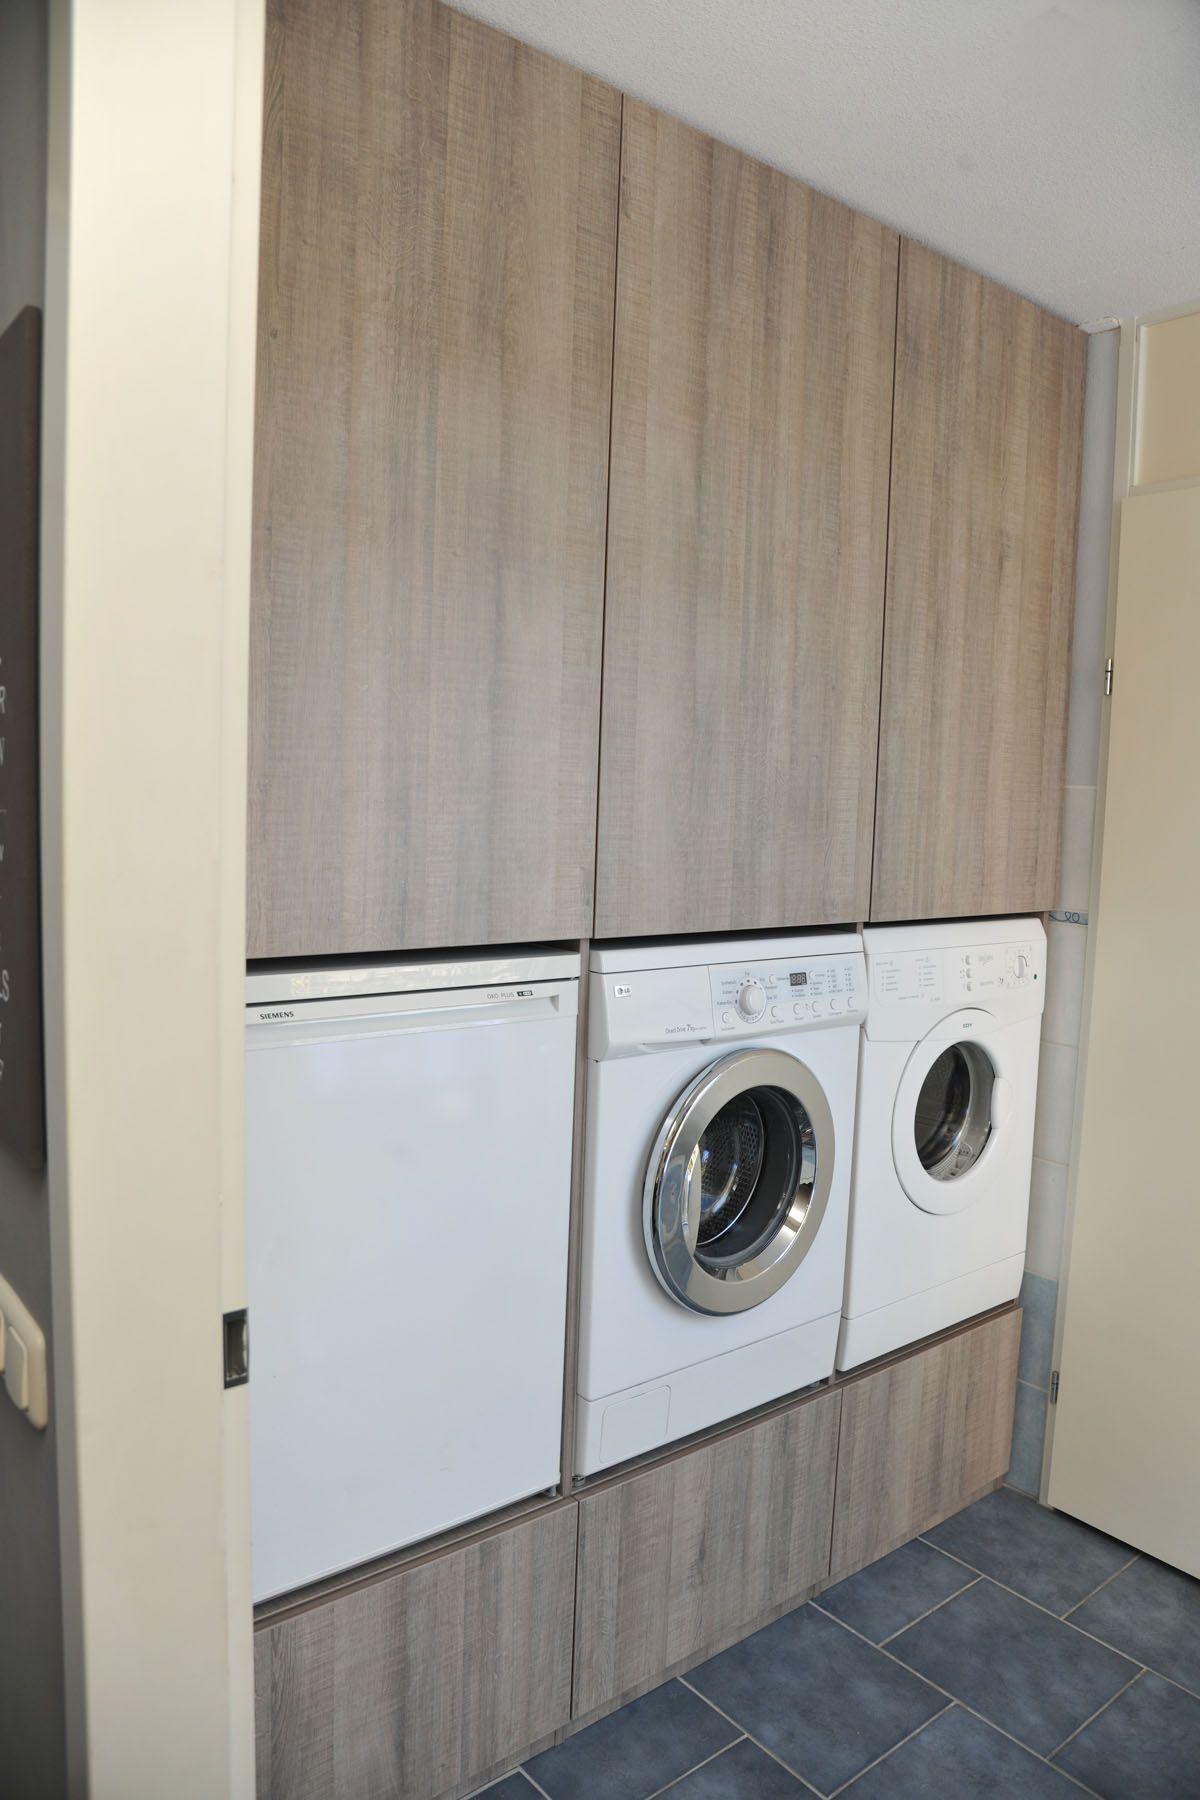 Kasten wasmachine op maat google zoeken interieur for Keukenkast ontwerpen